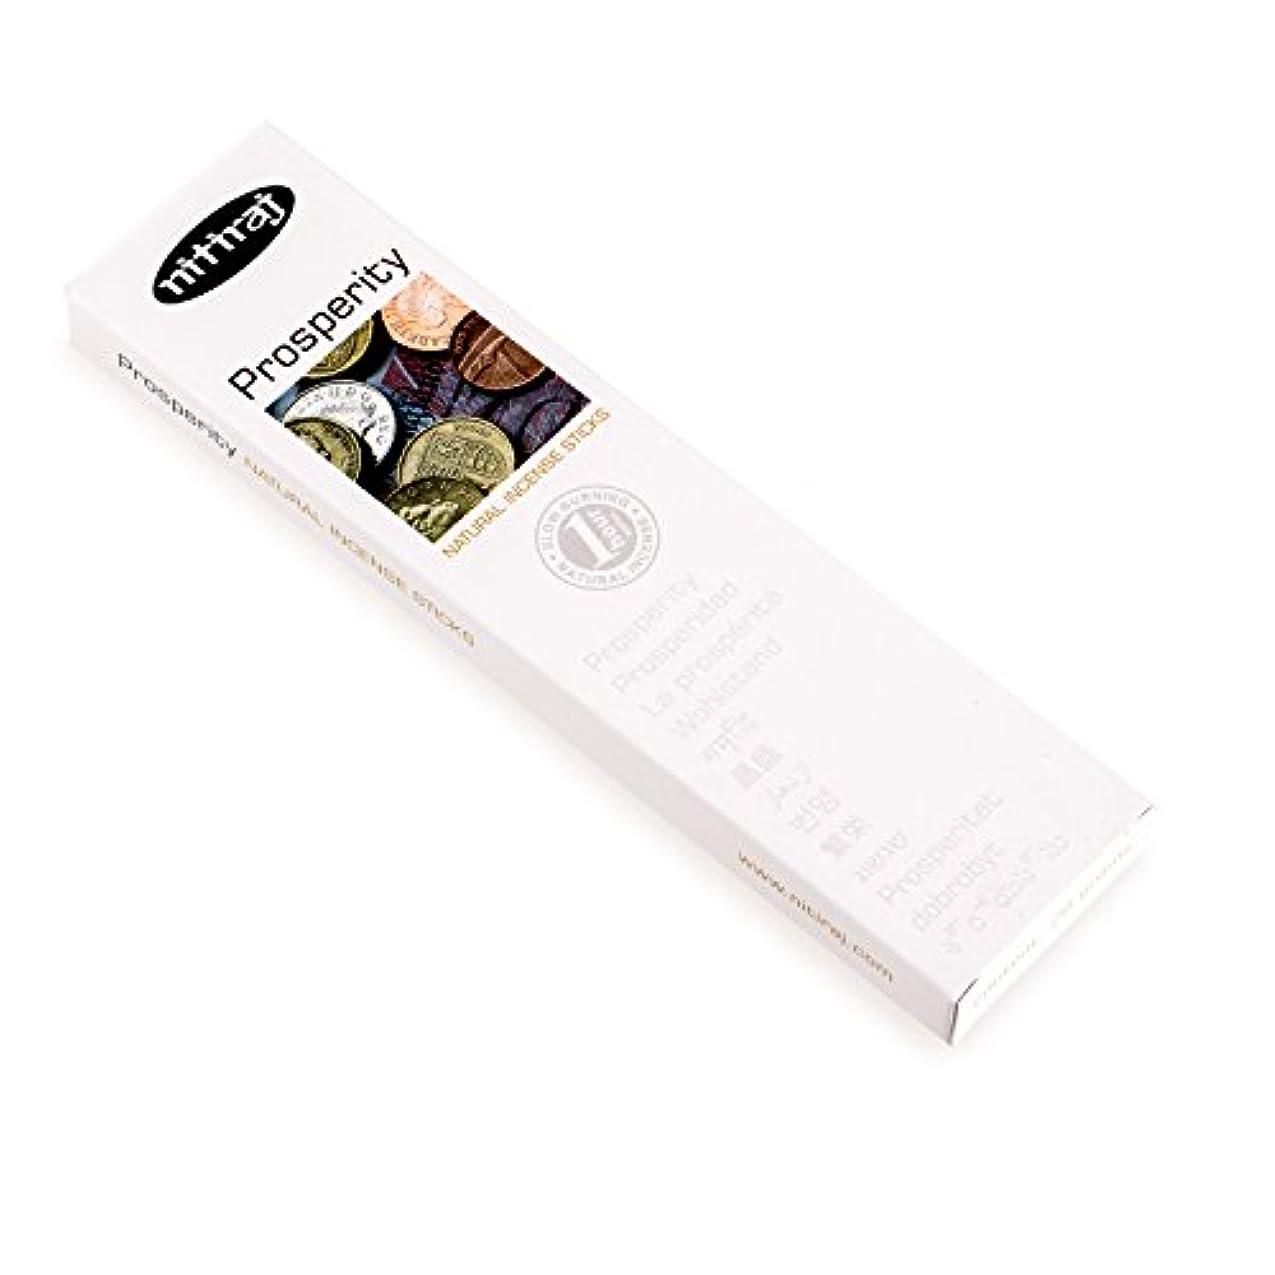 検出統合局NitirajプレミアムProsperity自然Incense Sticks 25グラム